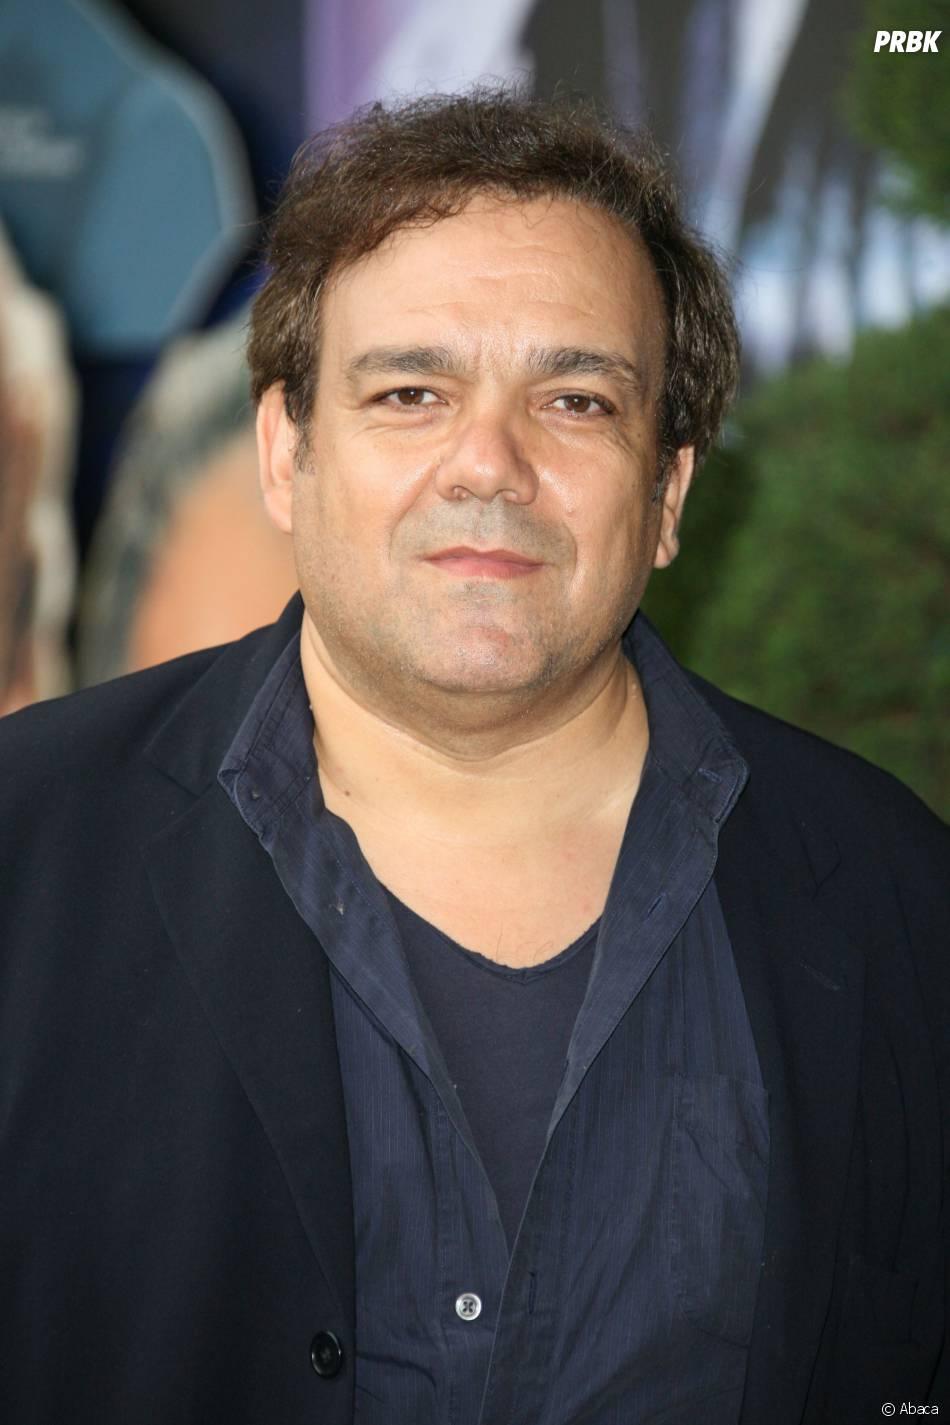 Didier Bourdon à son arrivée au festival de Cannes 2009